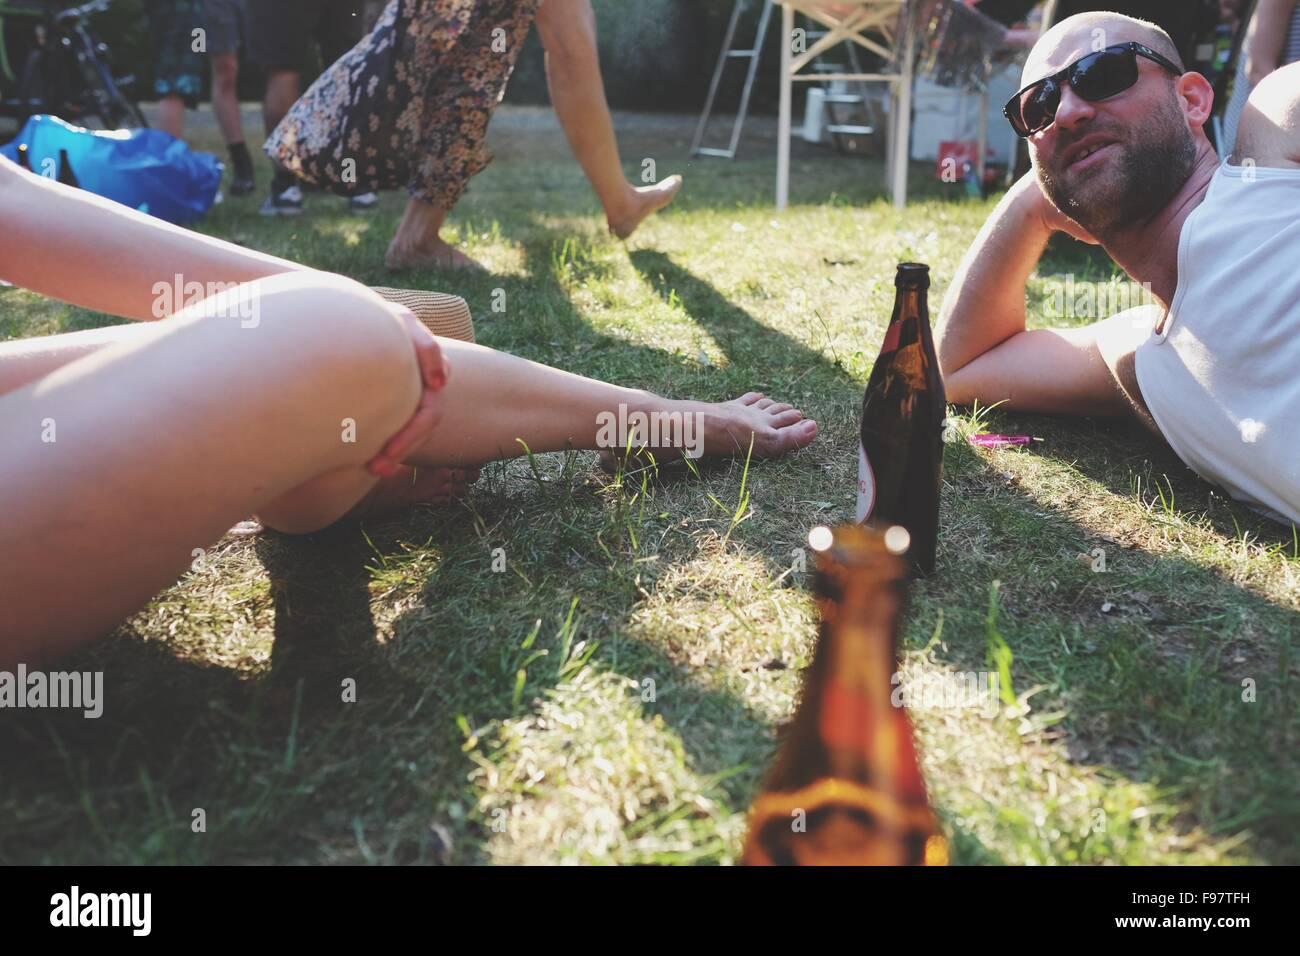 L'homme et de la femme avec des bouteilles de bière au Park Photo Stock